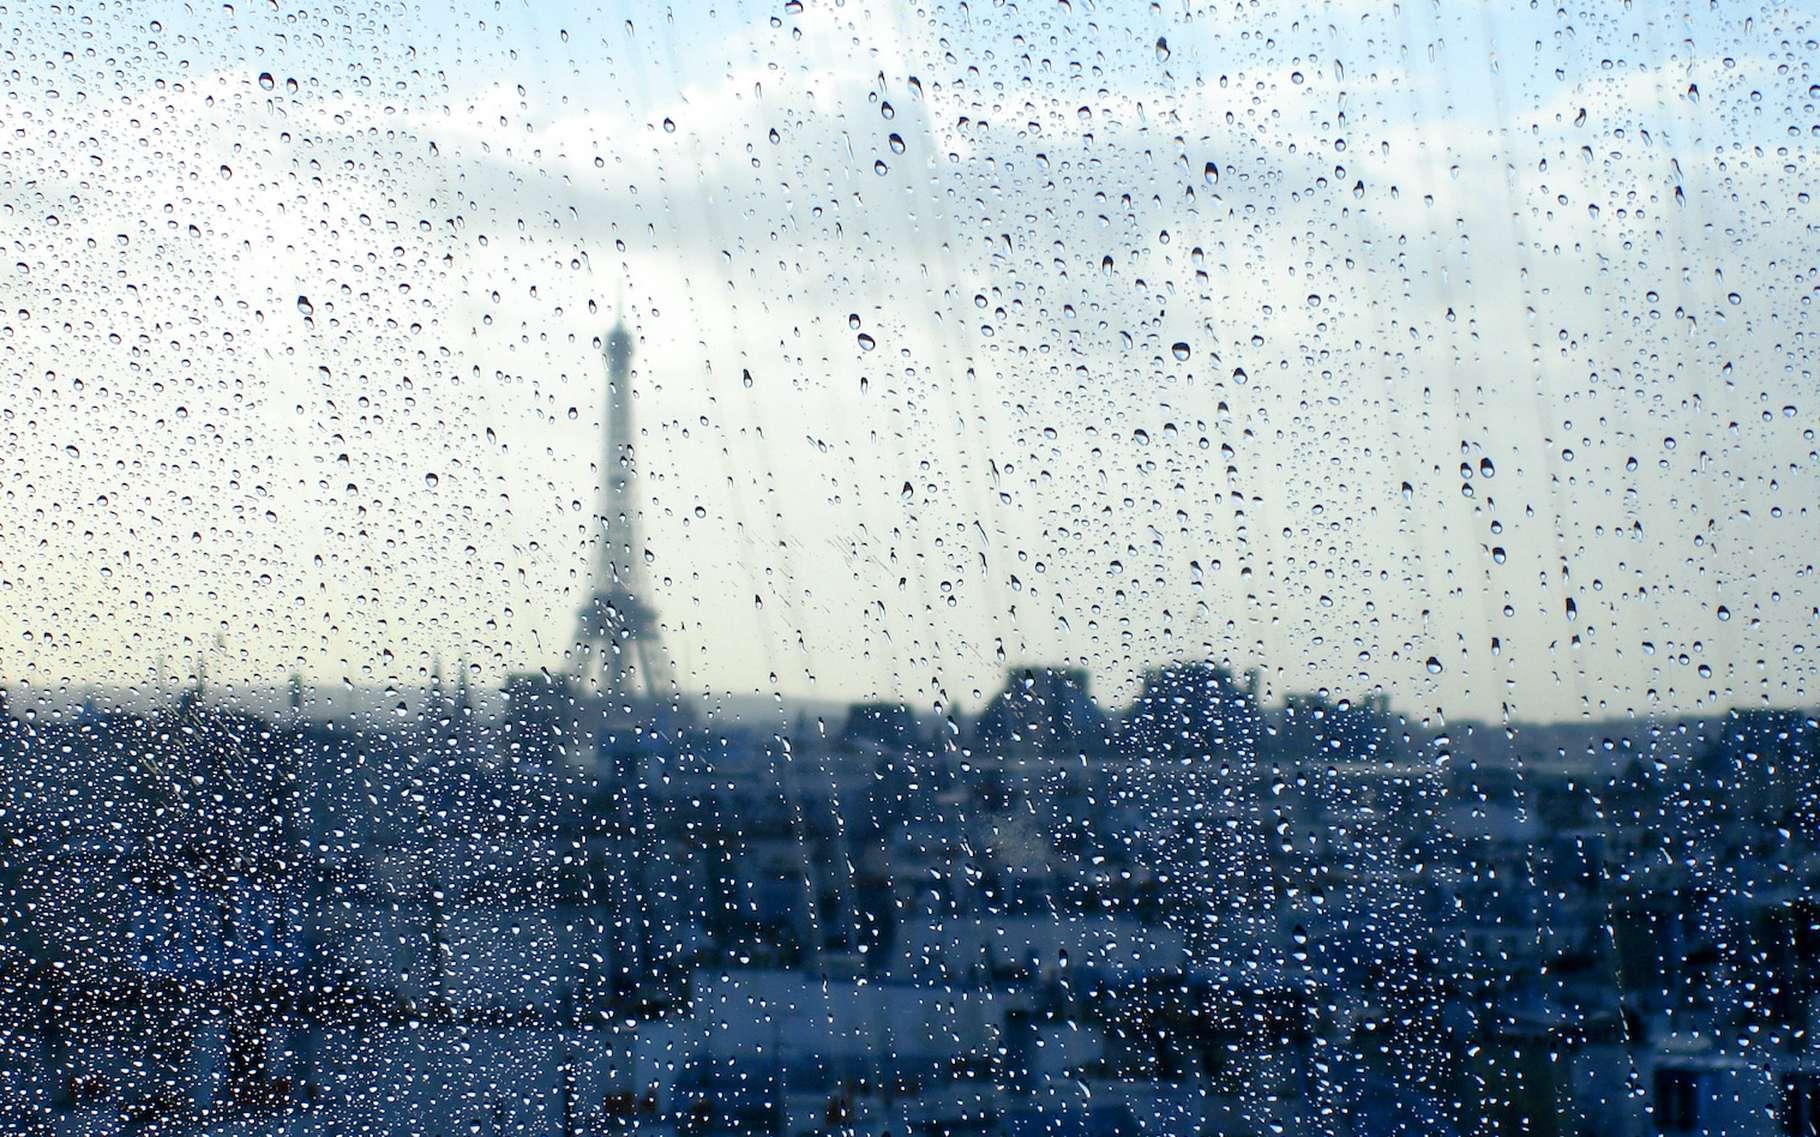 Le réchauffement climatique, ça se passe aussi en France. Chaque mois, Futura vous propose un point de la situation. Pour ce mois de juillet 2021 : fraîcheur relative et pluie. © Urbanhearts, Adobe Stock